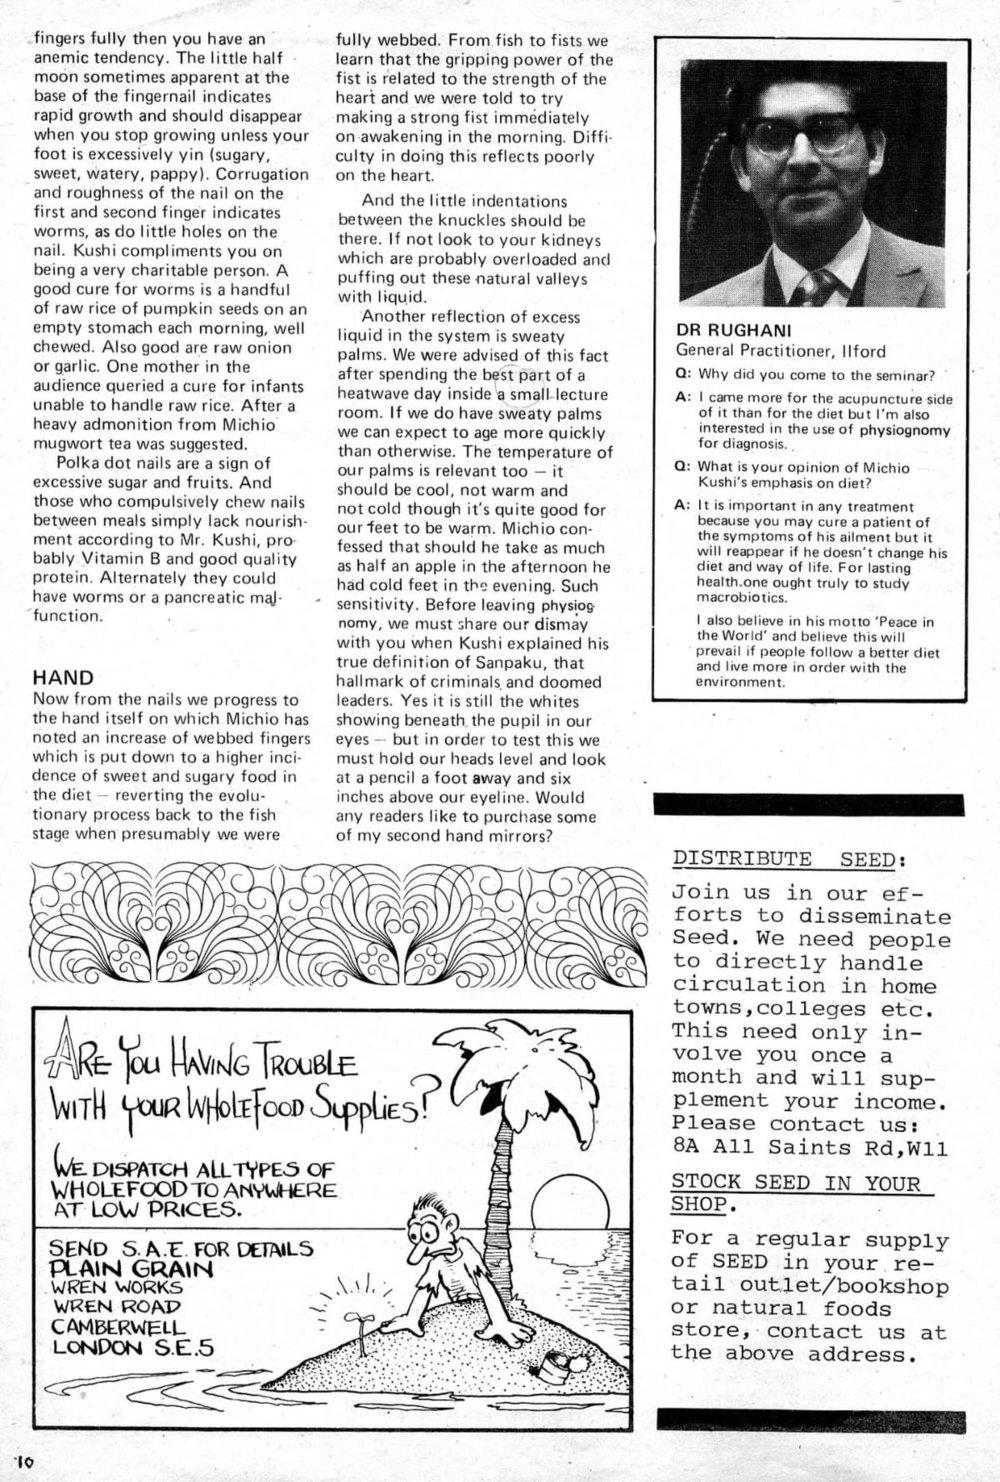 seed-v4-n8-aug1975-10.jpg